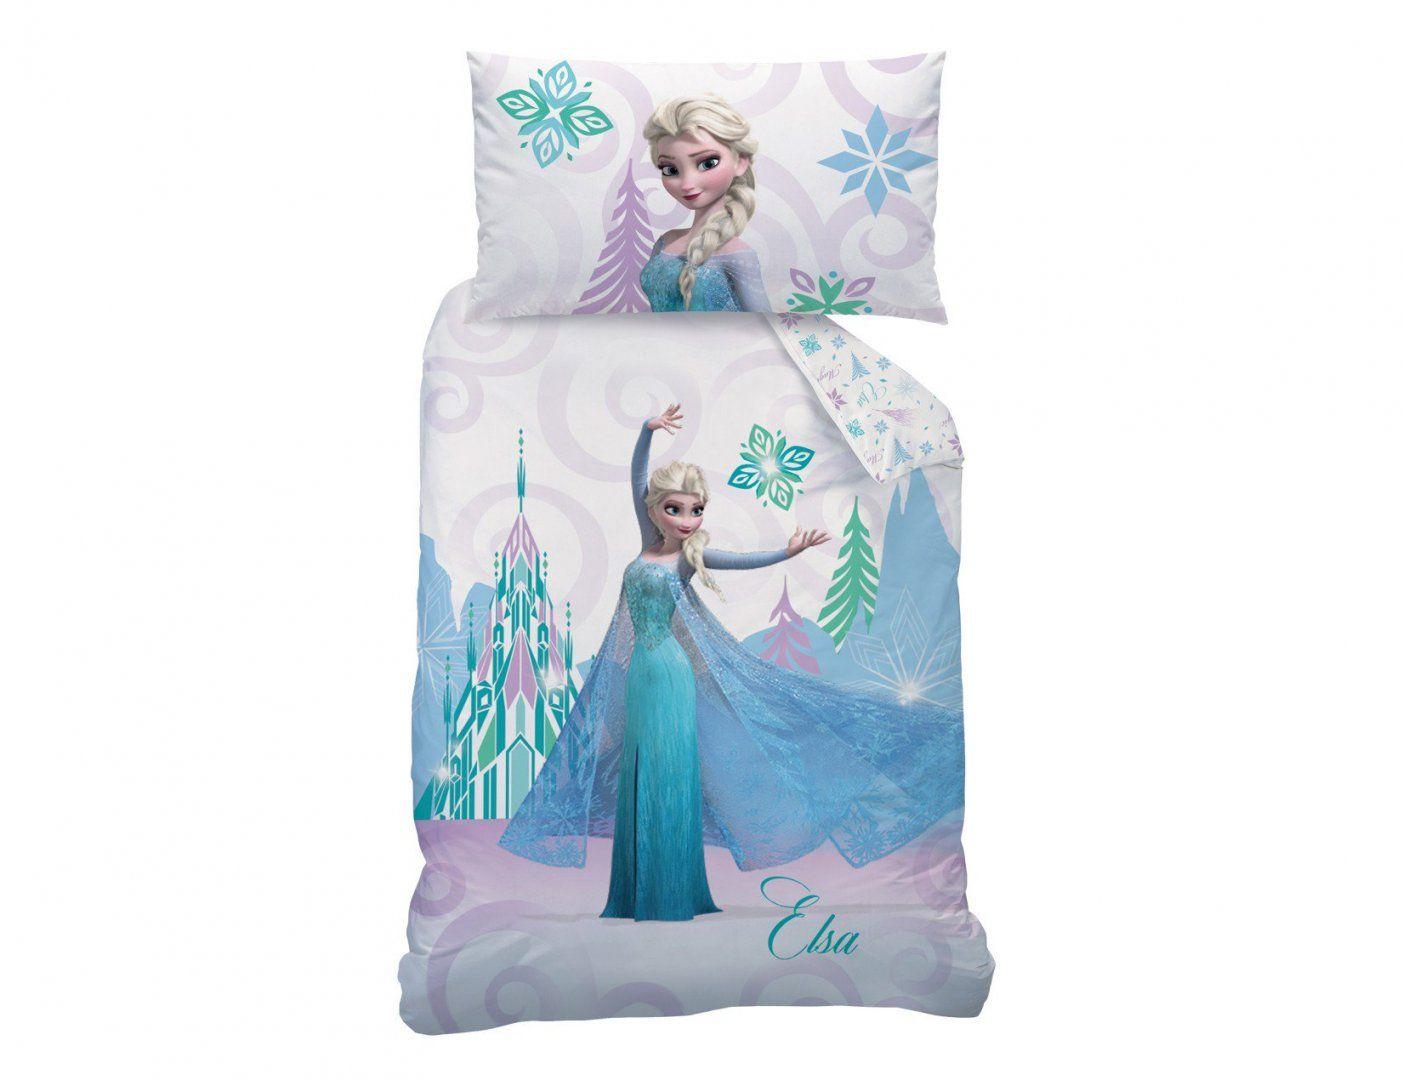 Bettwäsche Elsa Die Eiskönigin Günstig ⋆ Lehner Versand von Eiskönigin Bettwäsche Günstig Bild